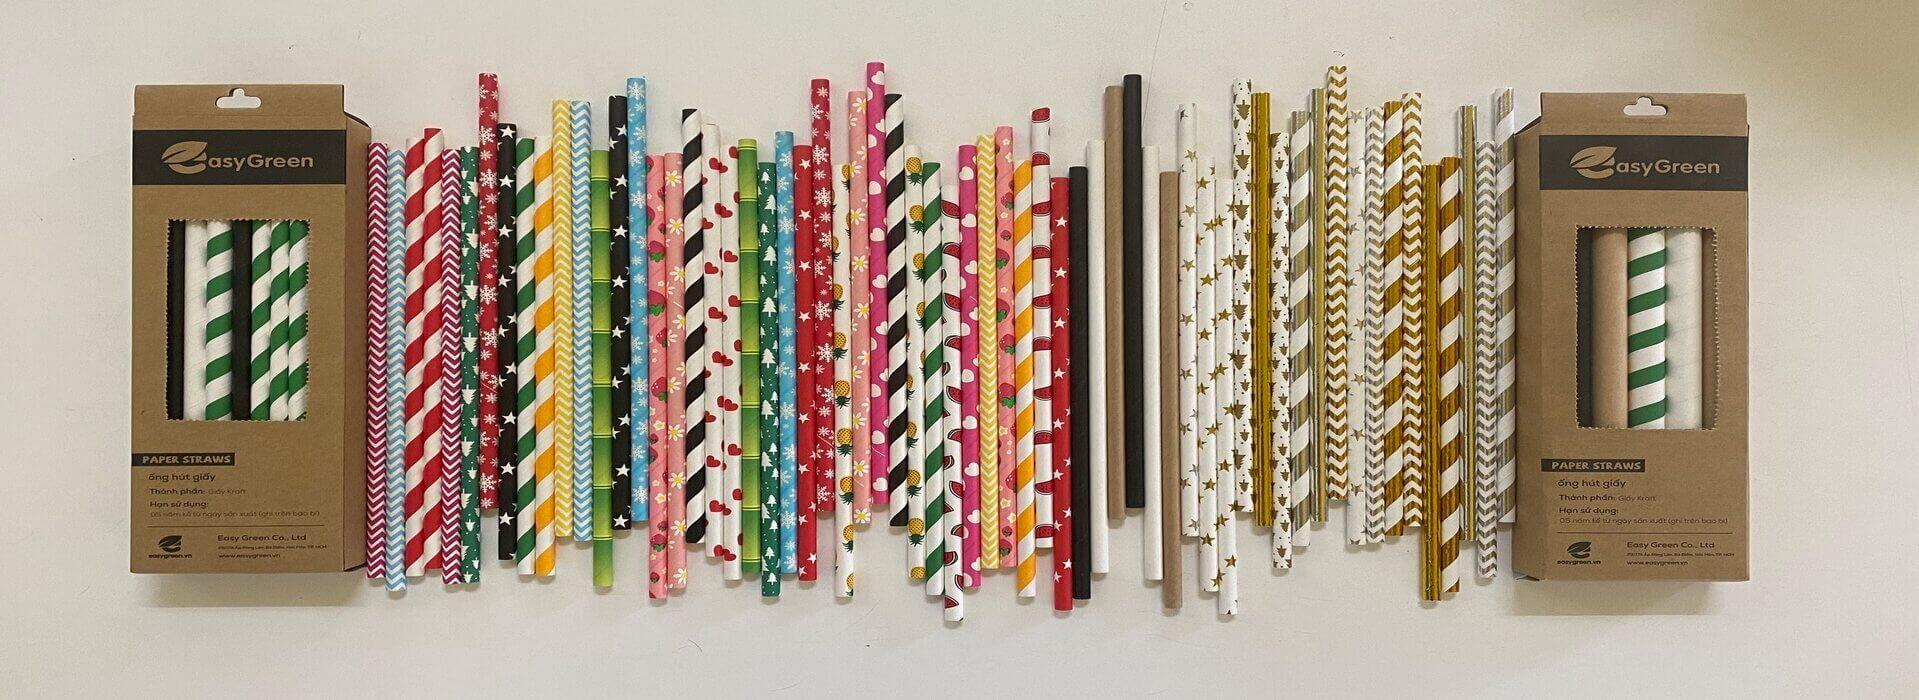 Ống hút giấy nhiều màu sắc